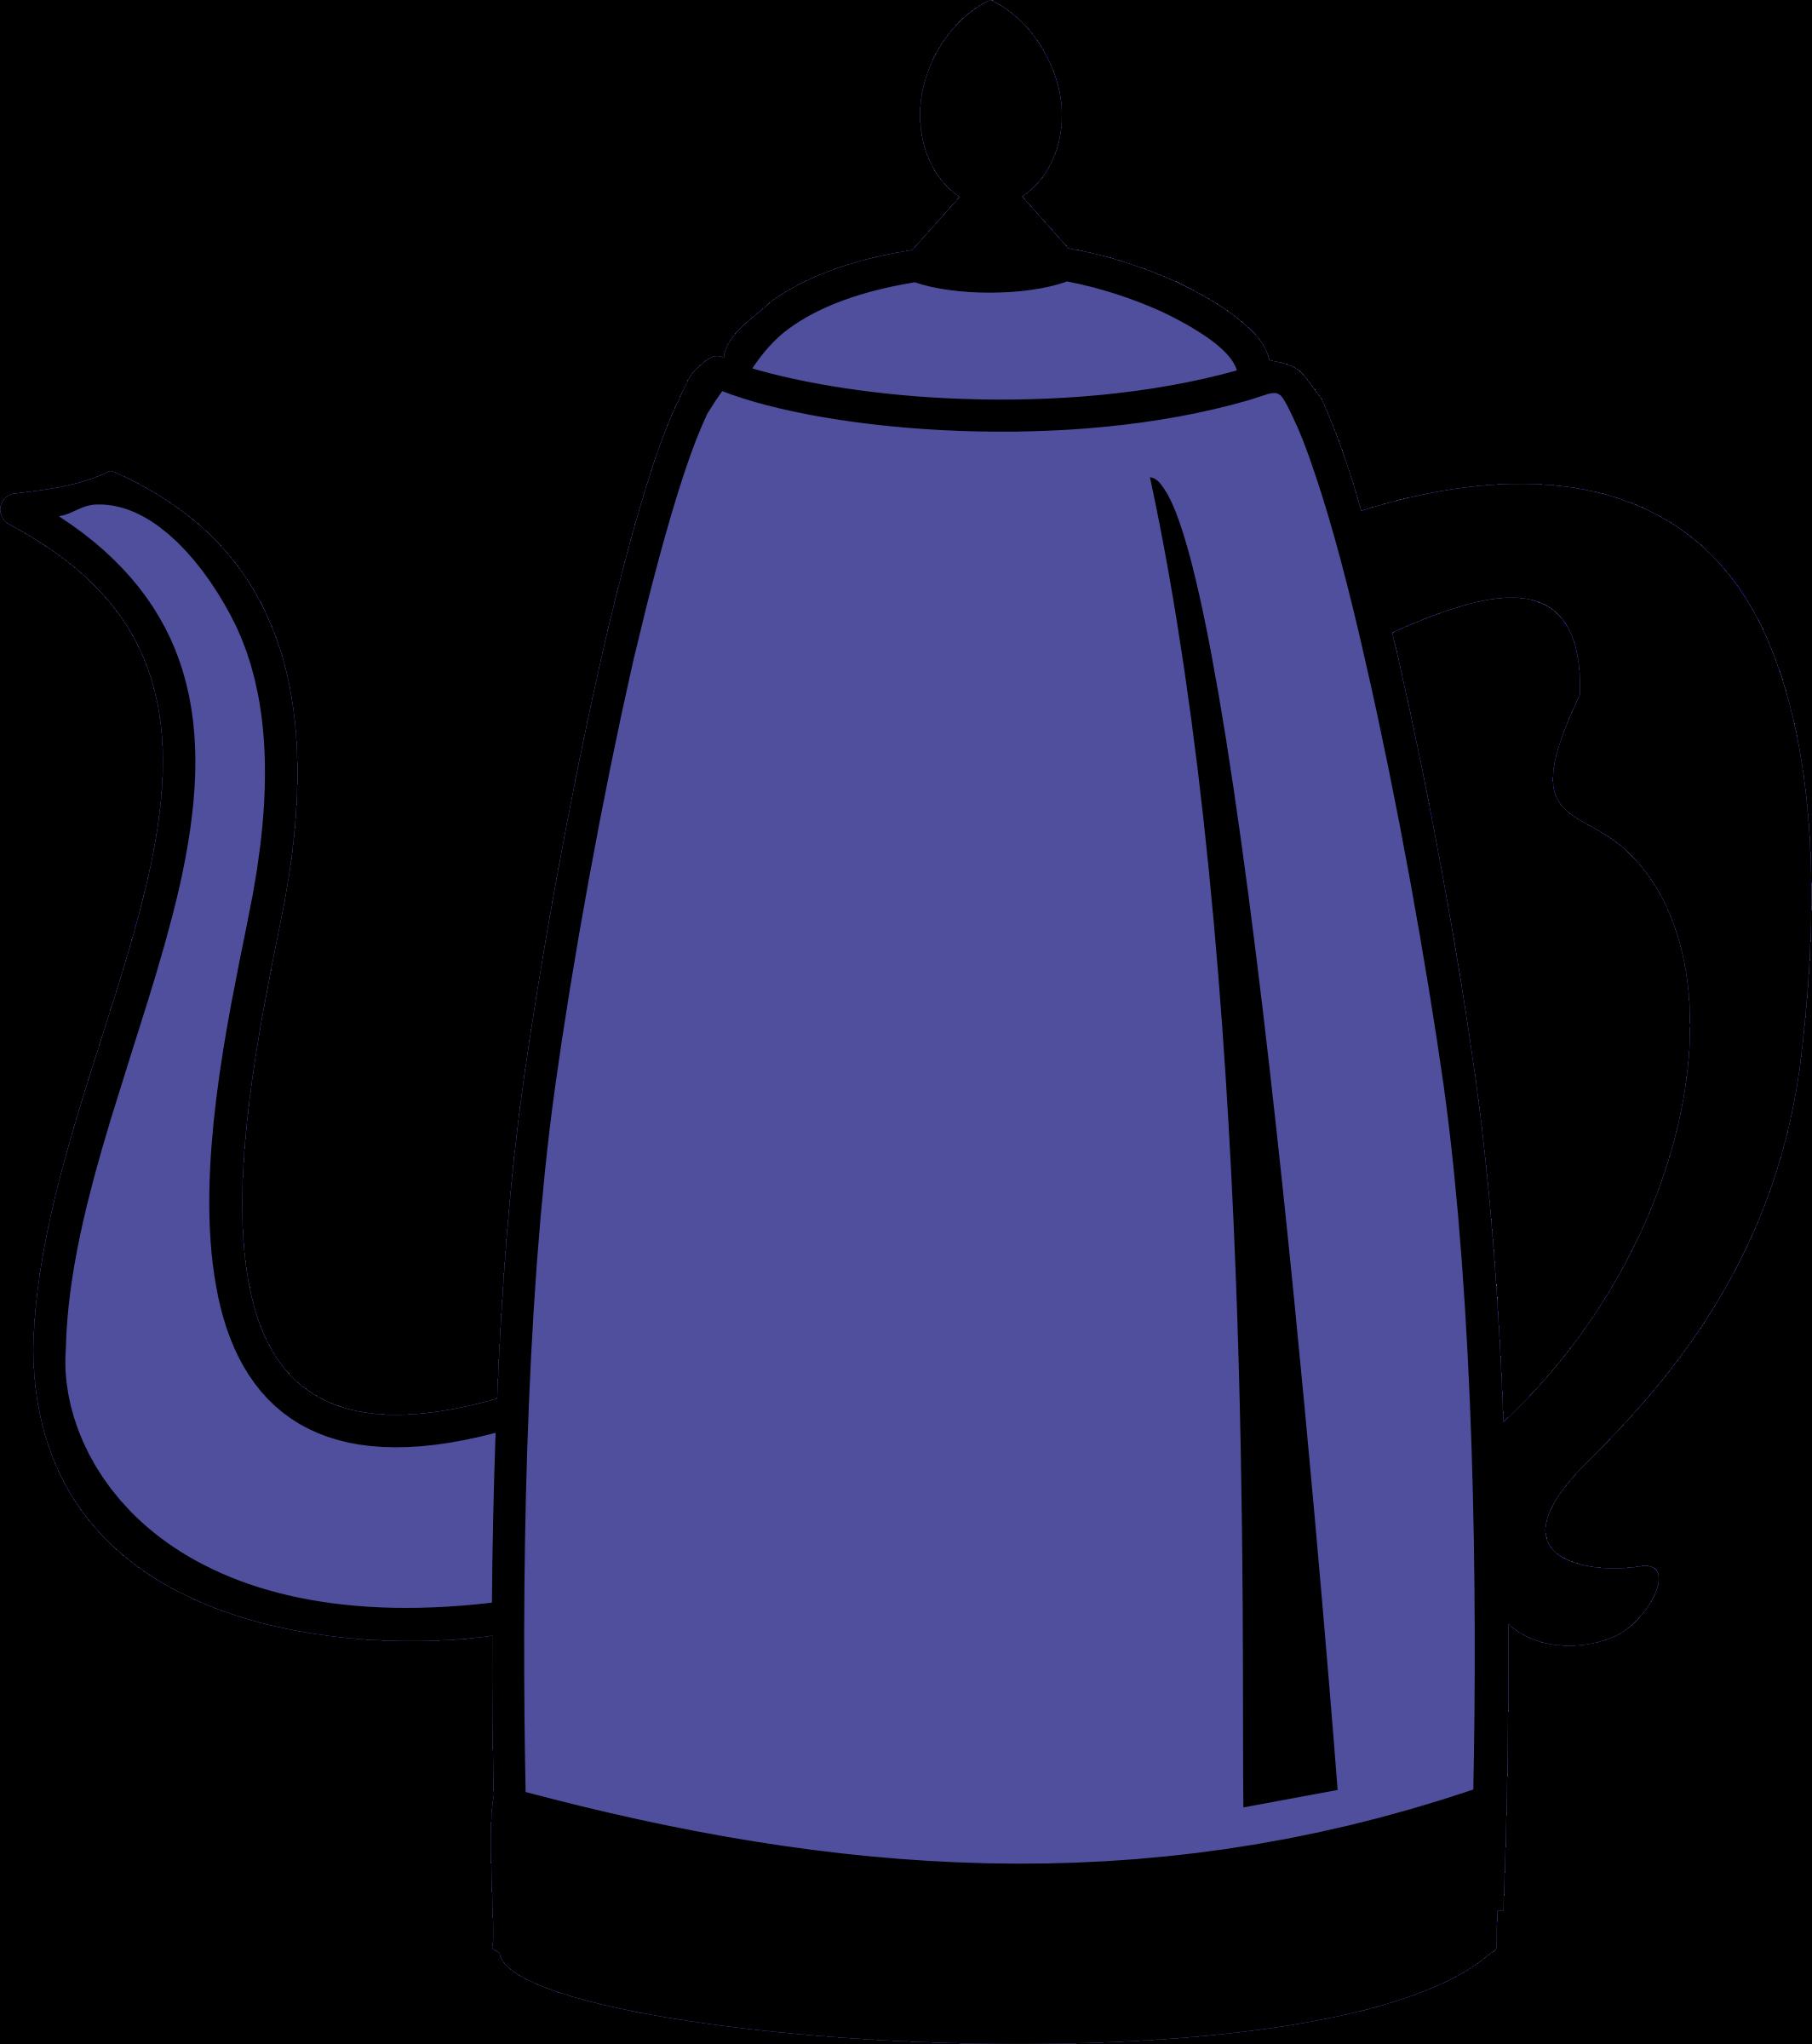 Pot big image png. Clipart coffee jug